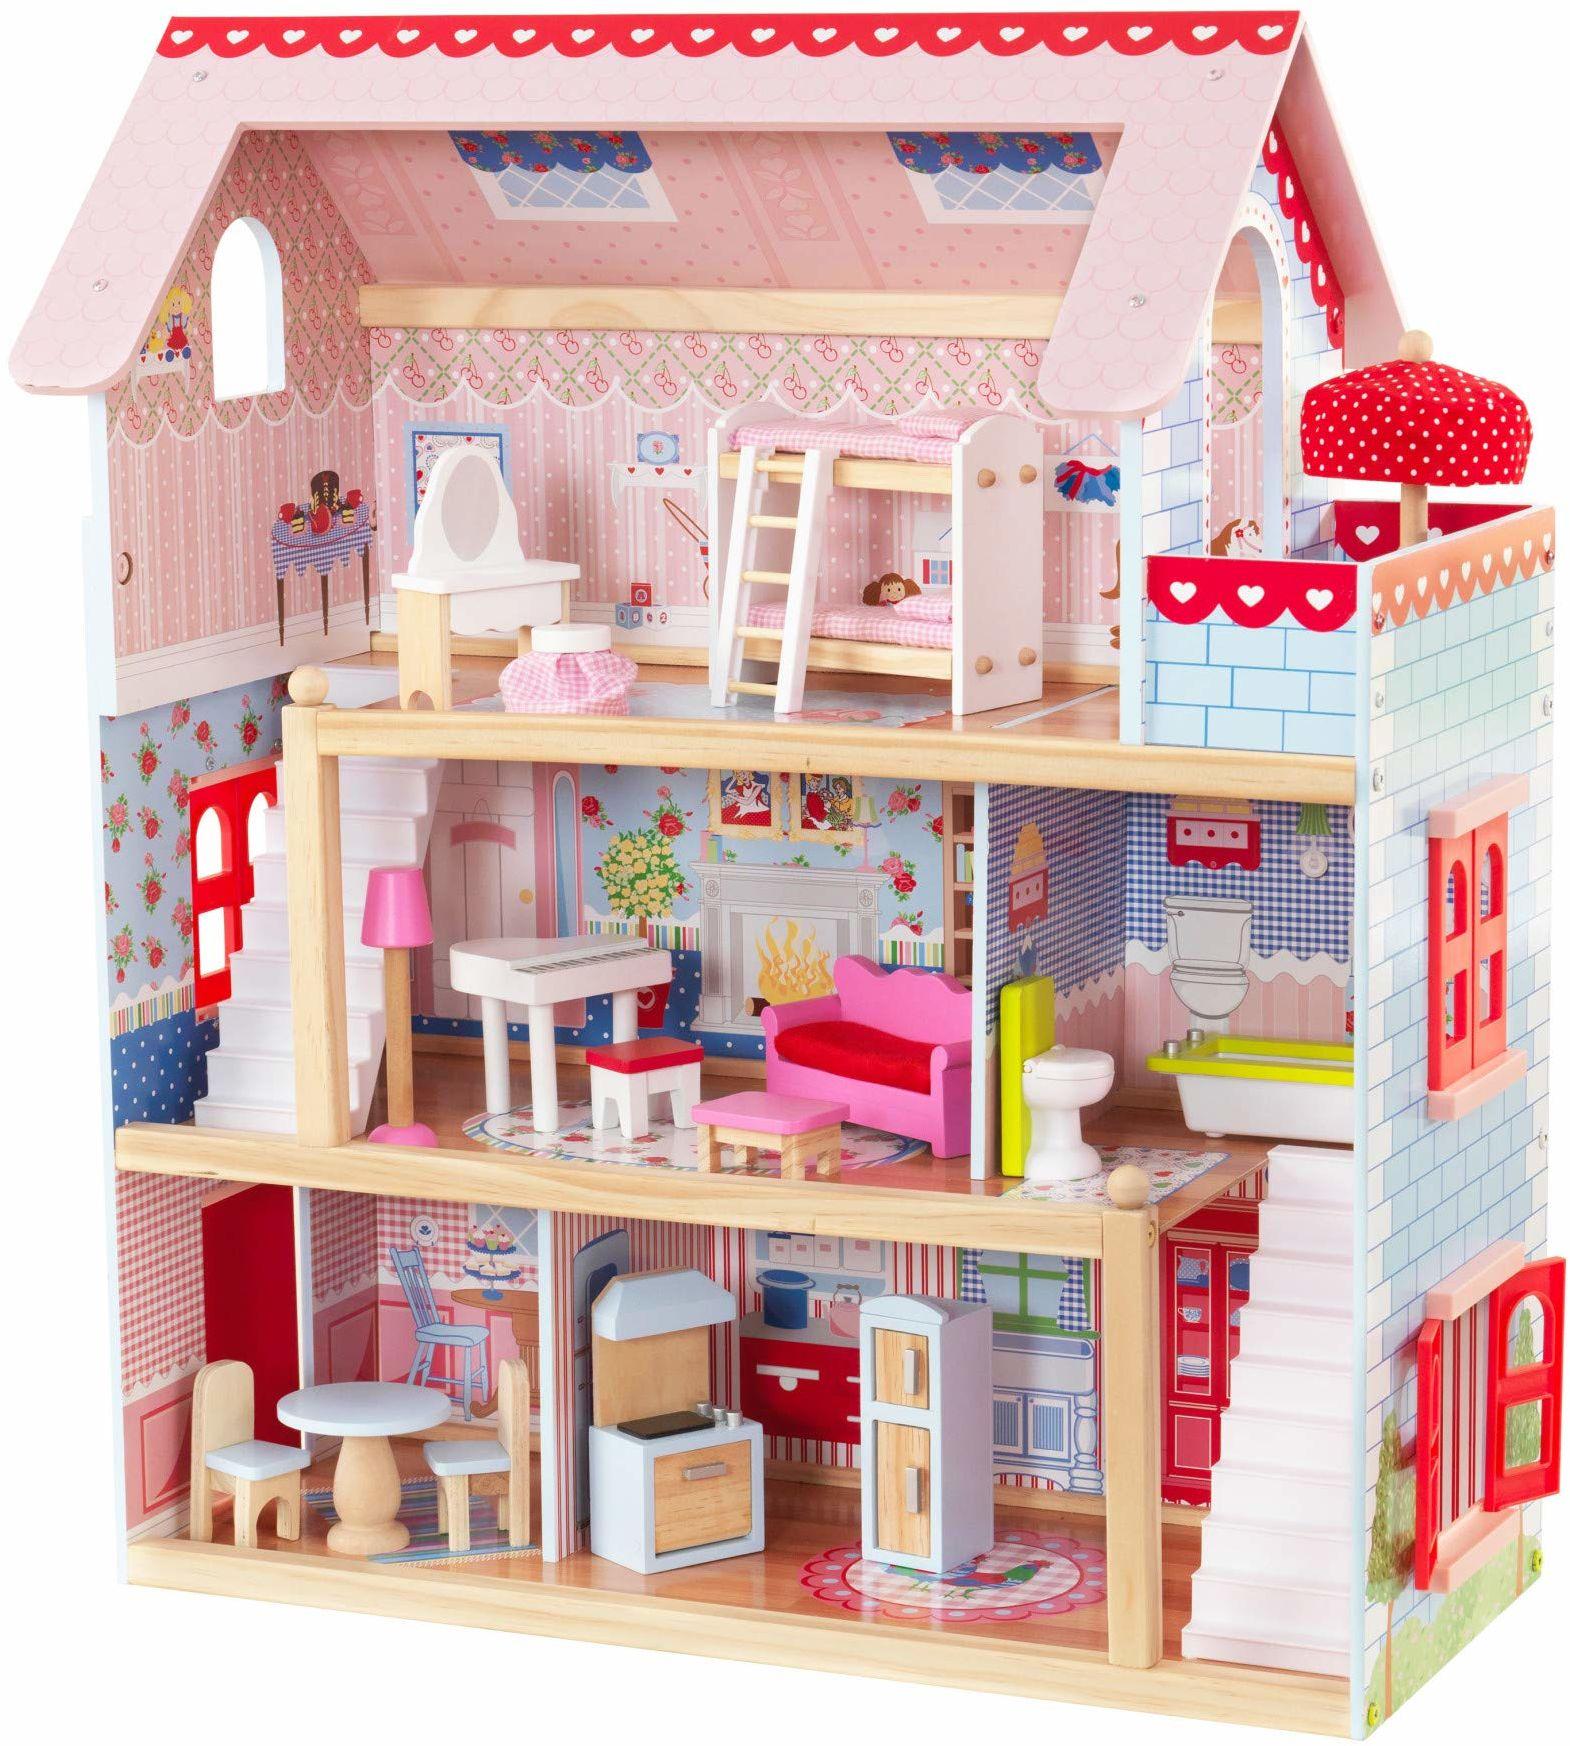 zamek; dzieci; domki; barbyhaus; lalki; światło; duże; dziewczynki; pupenhaus; domkiem; siła; drewniane; dziecięce; lalkowy; kidcraft; domek; barbiehaus; drewniany; lalek; pupen